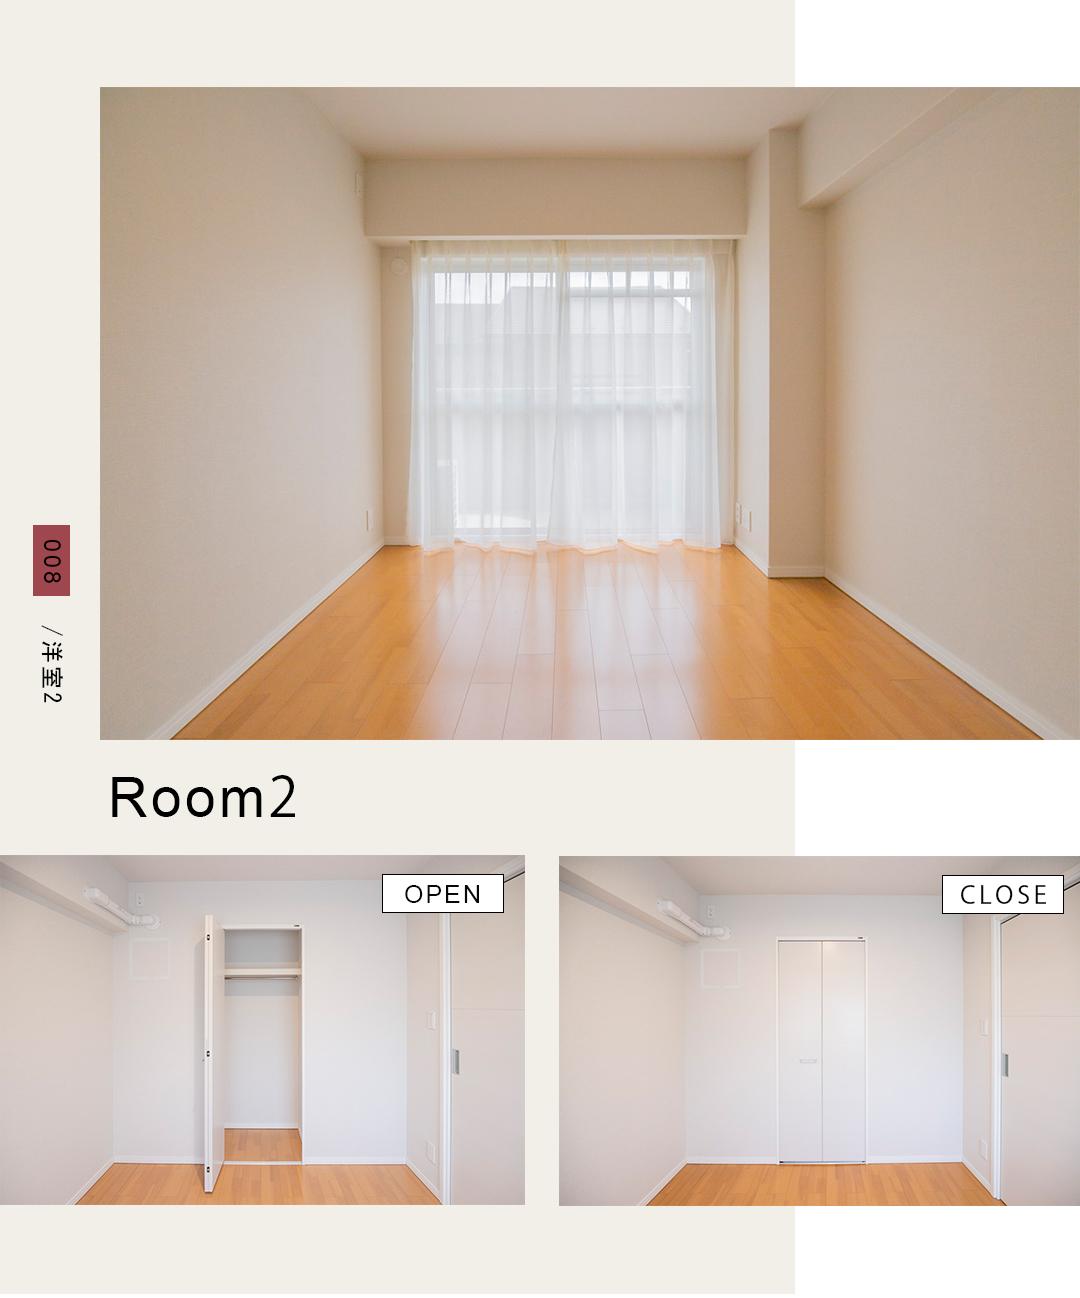 008,洋室2,Room2,,,,,,,,